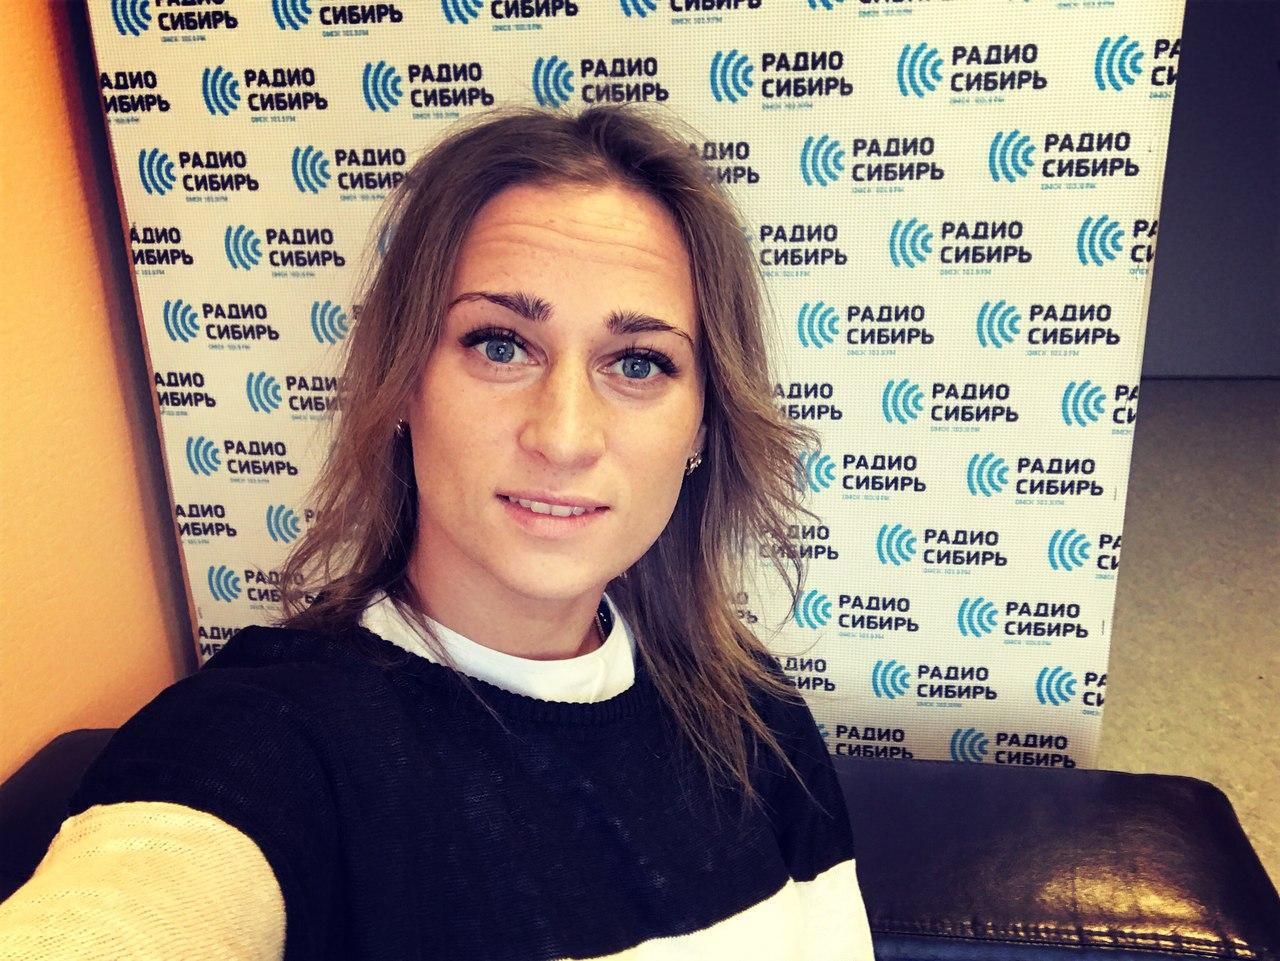 Маша Галай на «Радио Сибирь». Запись эфира